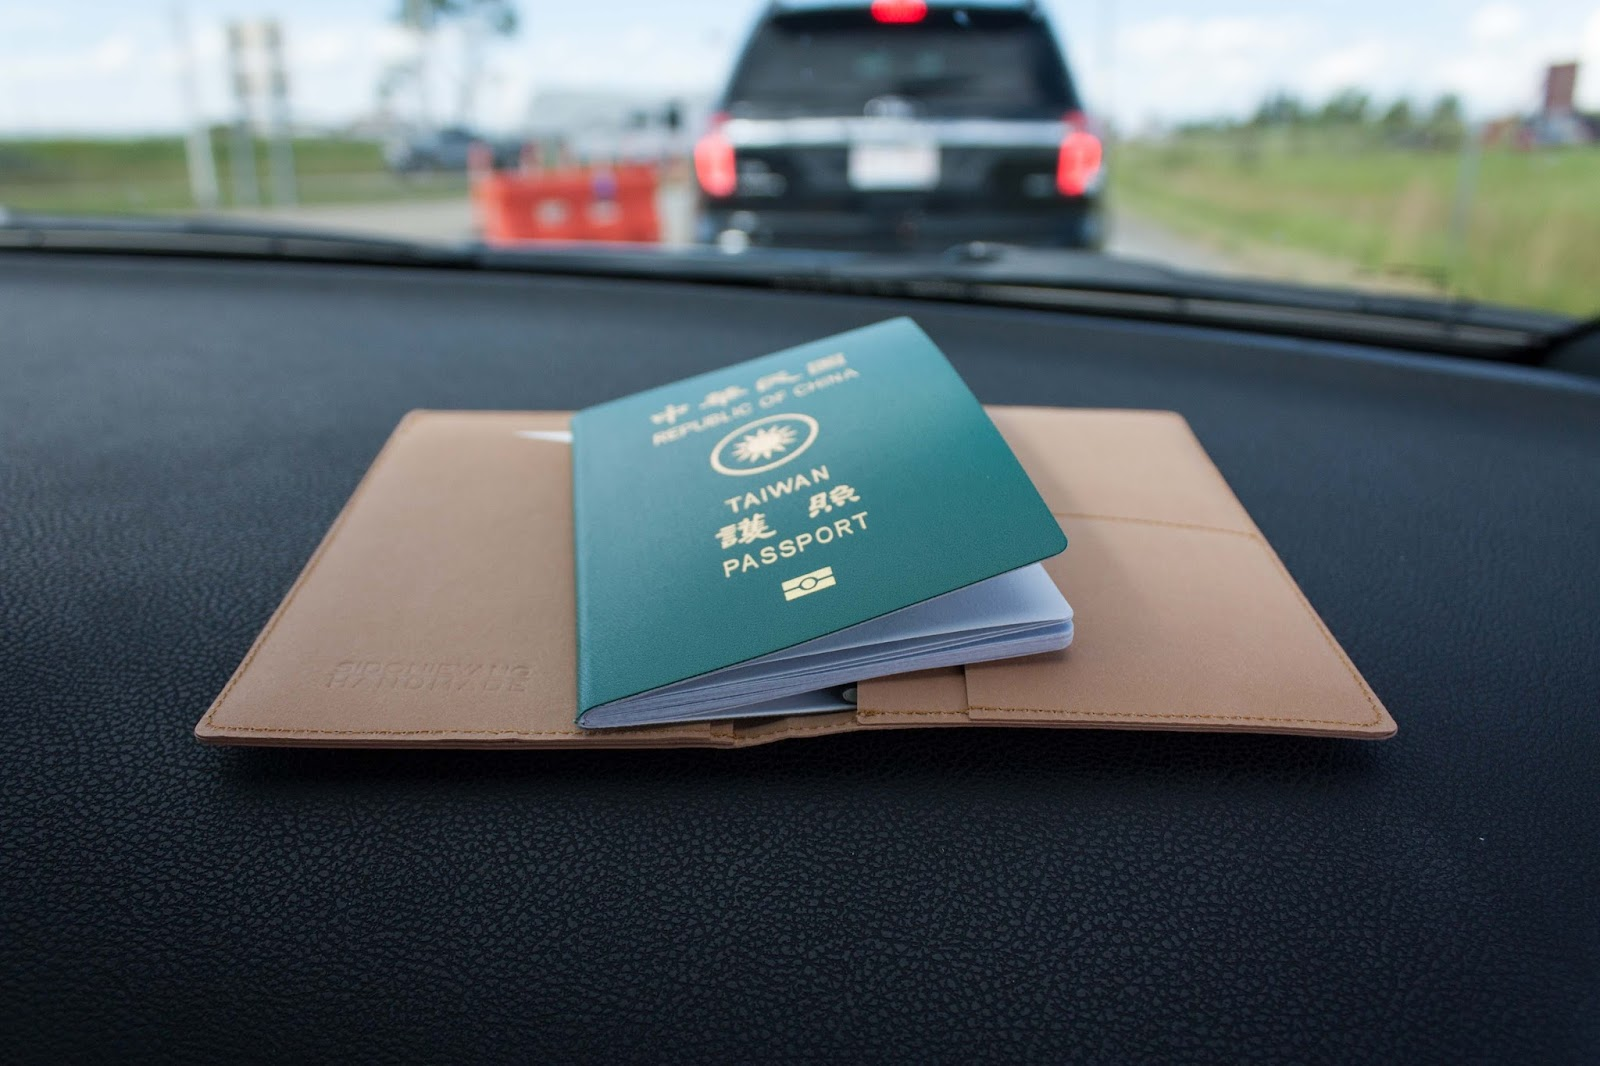 加拿大打工度假簽證 - 離境後入境換發